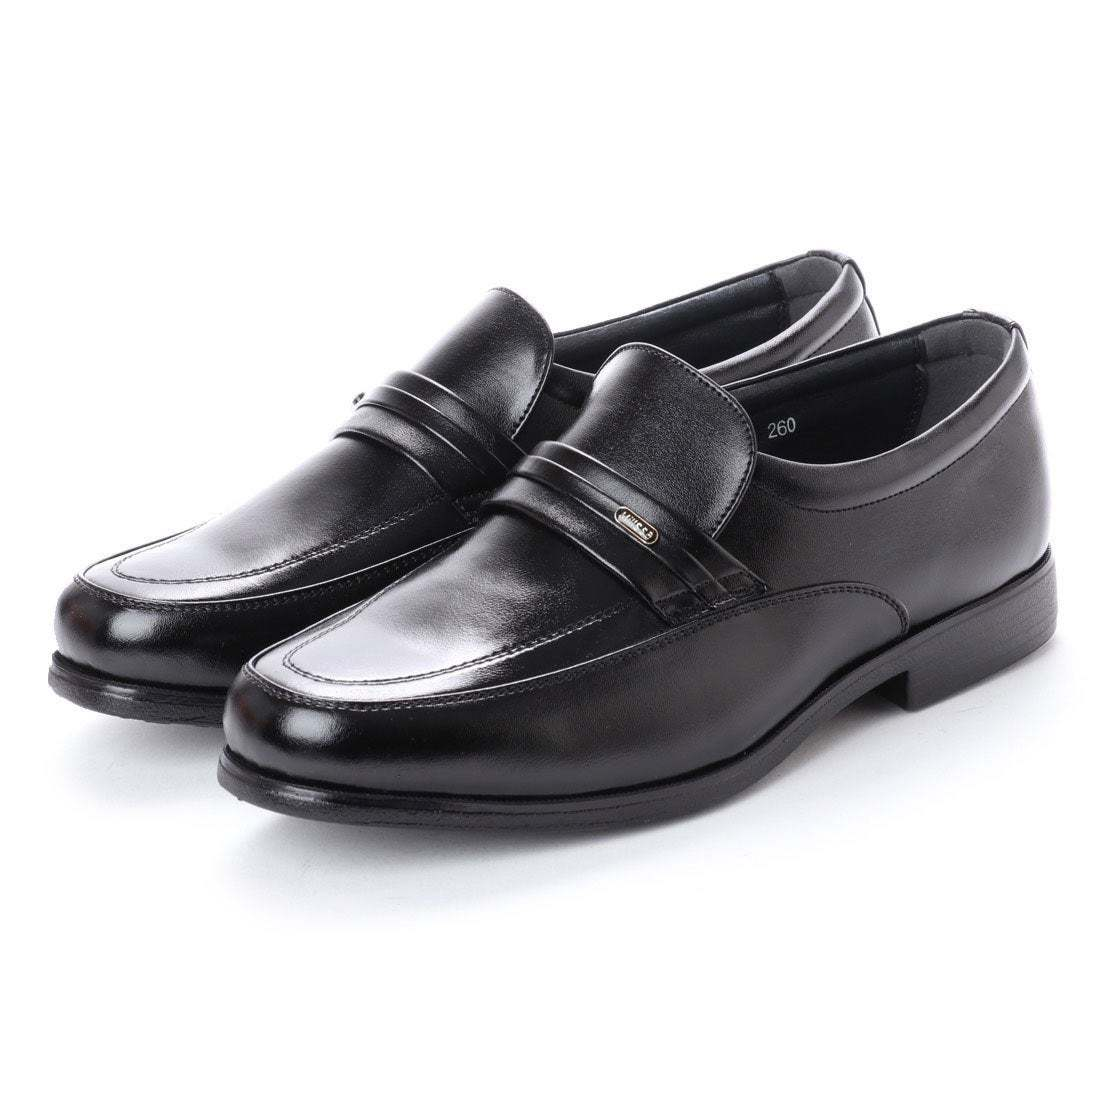 【安い】 超軽量 紳士靴 メンズ ビジネスシューズ スリッポン ウォーキングシューズ 幅広 4E 抗菌 防臭 1013 ブラック 黒 26.0cm